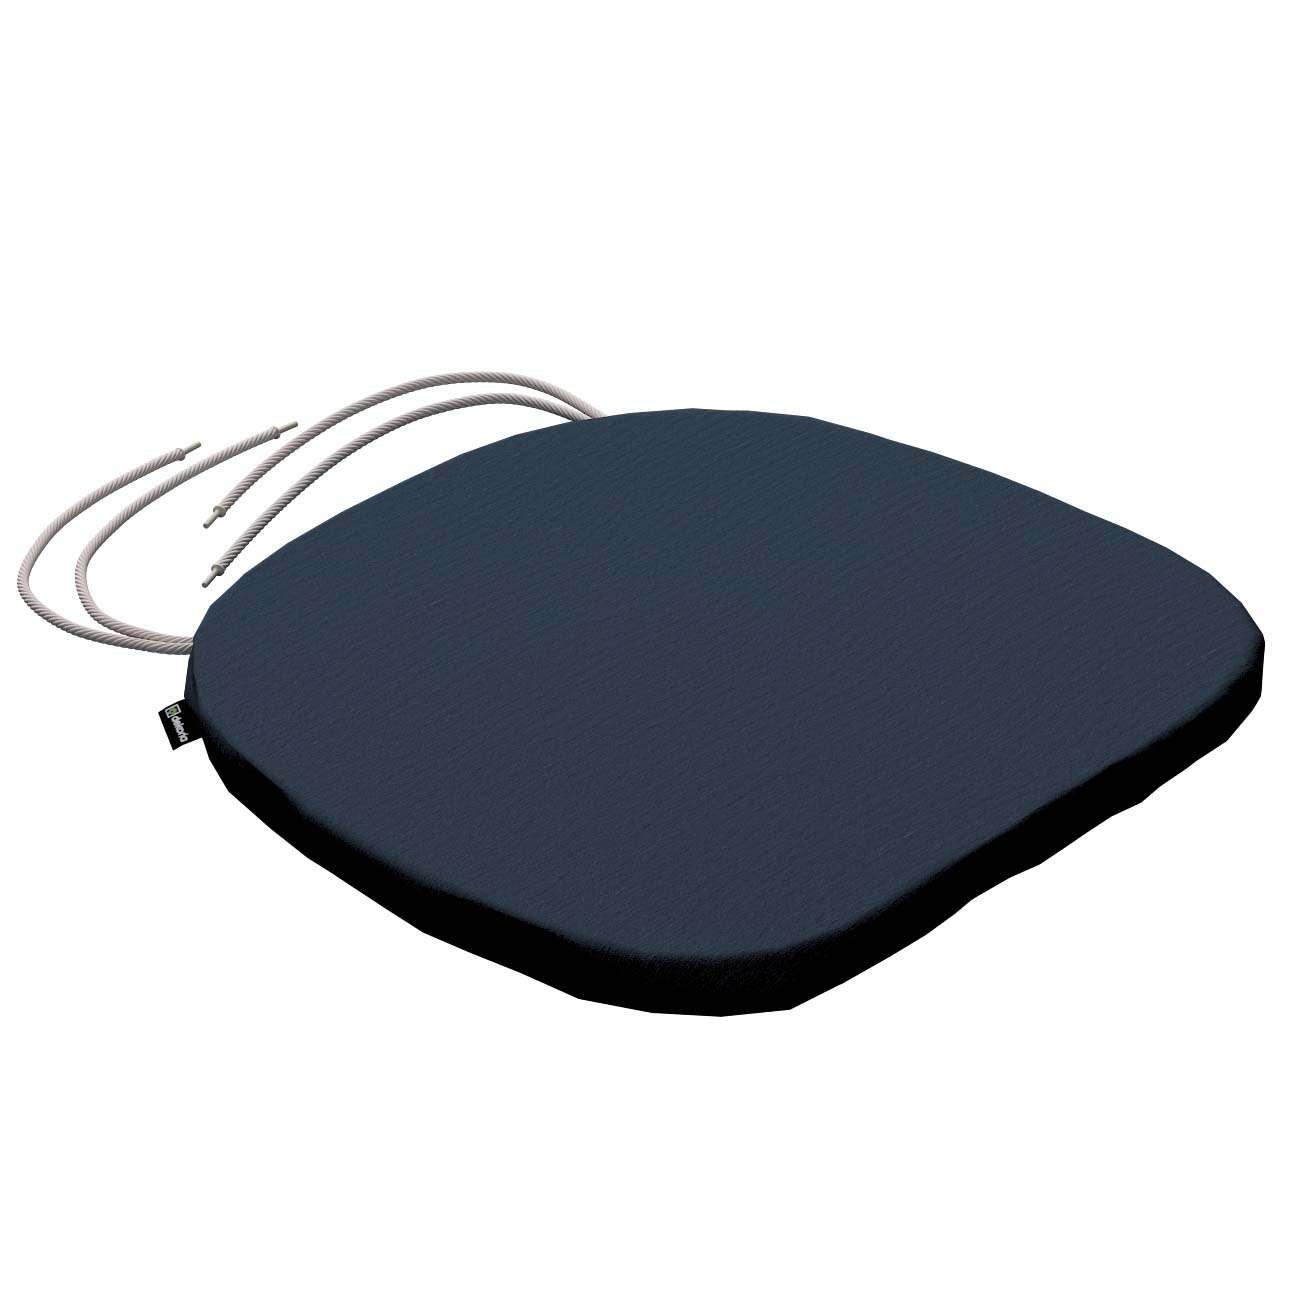 Siedzisko Bartek na krzesło 40x37x2,5cm w kolekcji Quadro, tkanina: 136-04